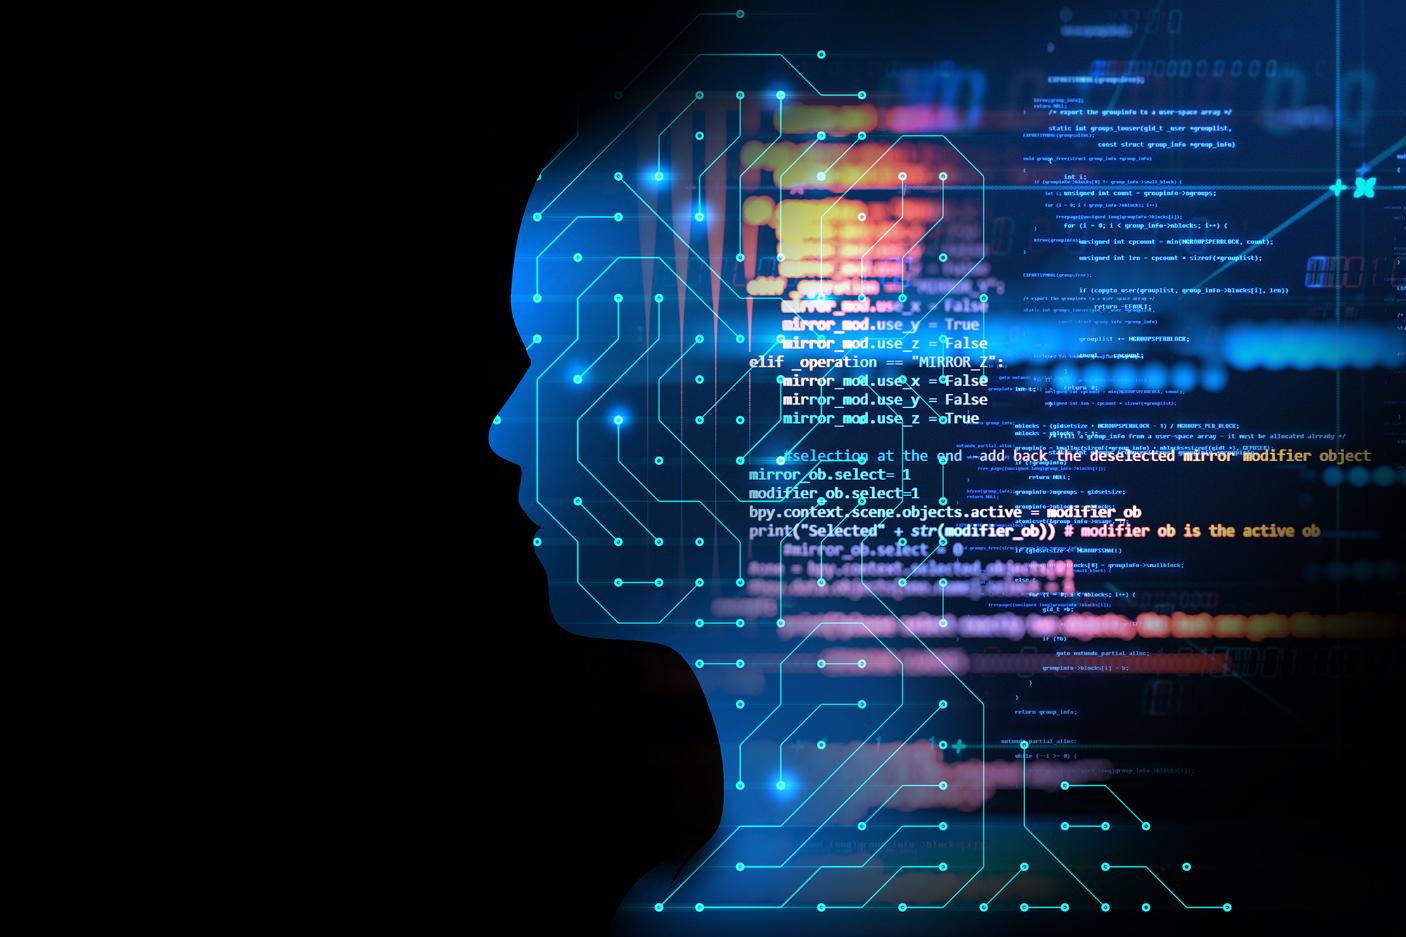 IBM ofrece cursos gratis de Inteligencia Artificial y ciencia de datos